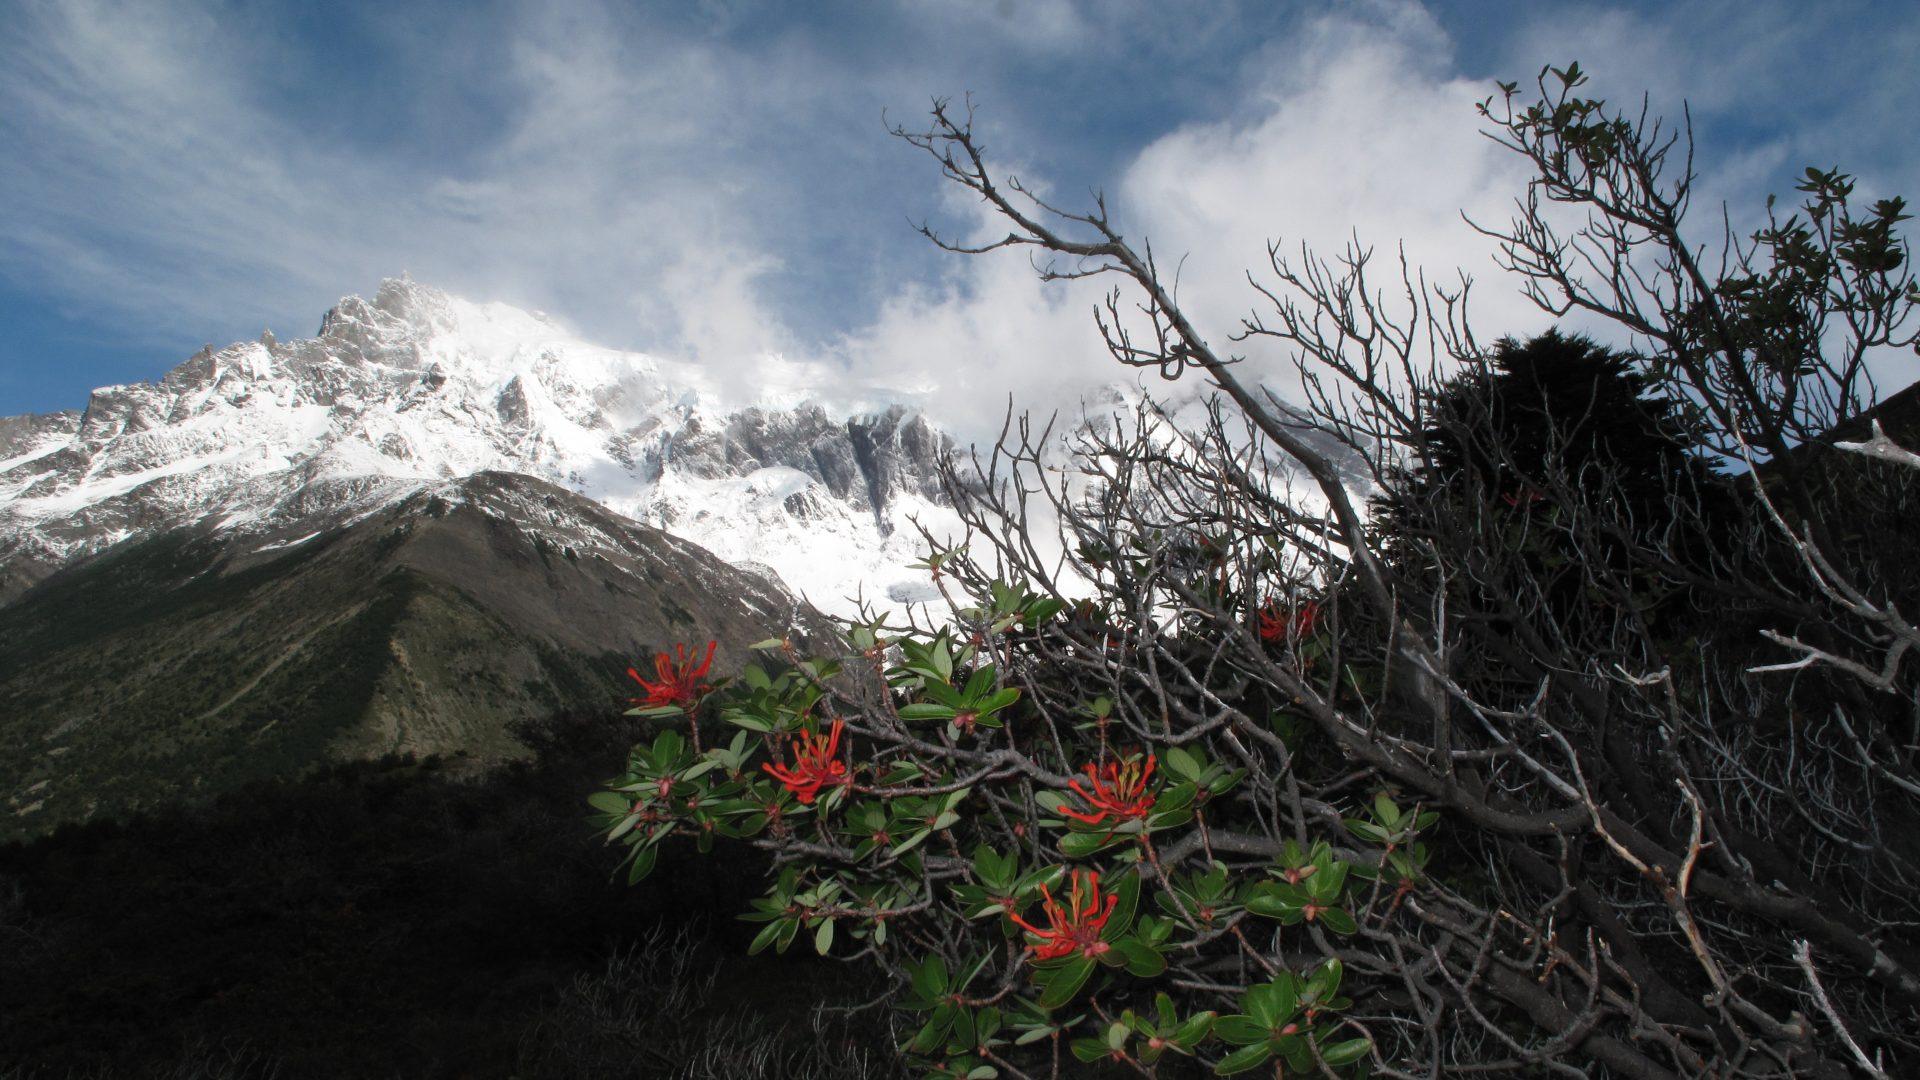 Swoop Patagonia's Blog